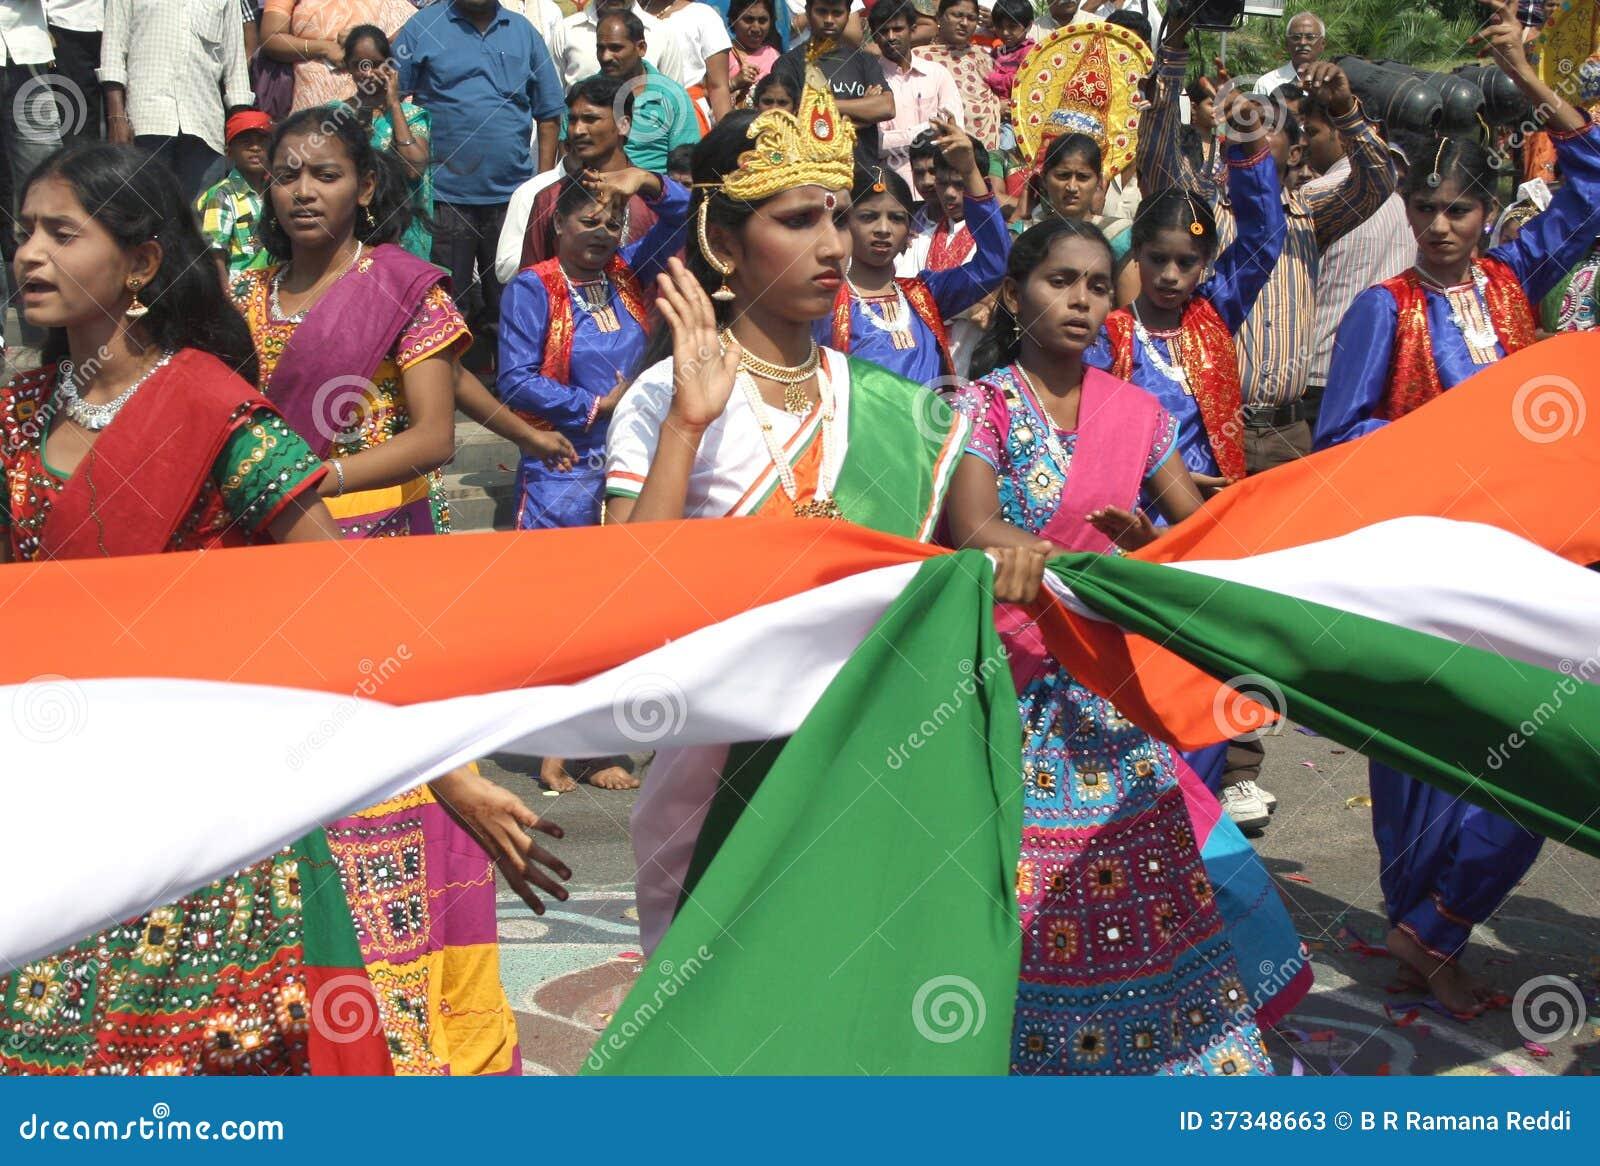 Οι καλλιτέχνες εκτελούν εκτελούν τον παραδοσιακό χορό με την ινδική εθνική σημαία